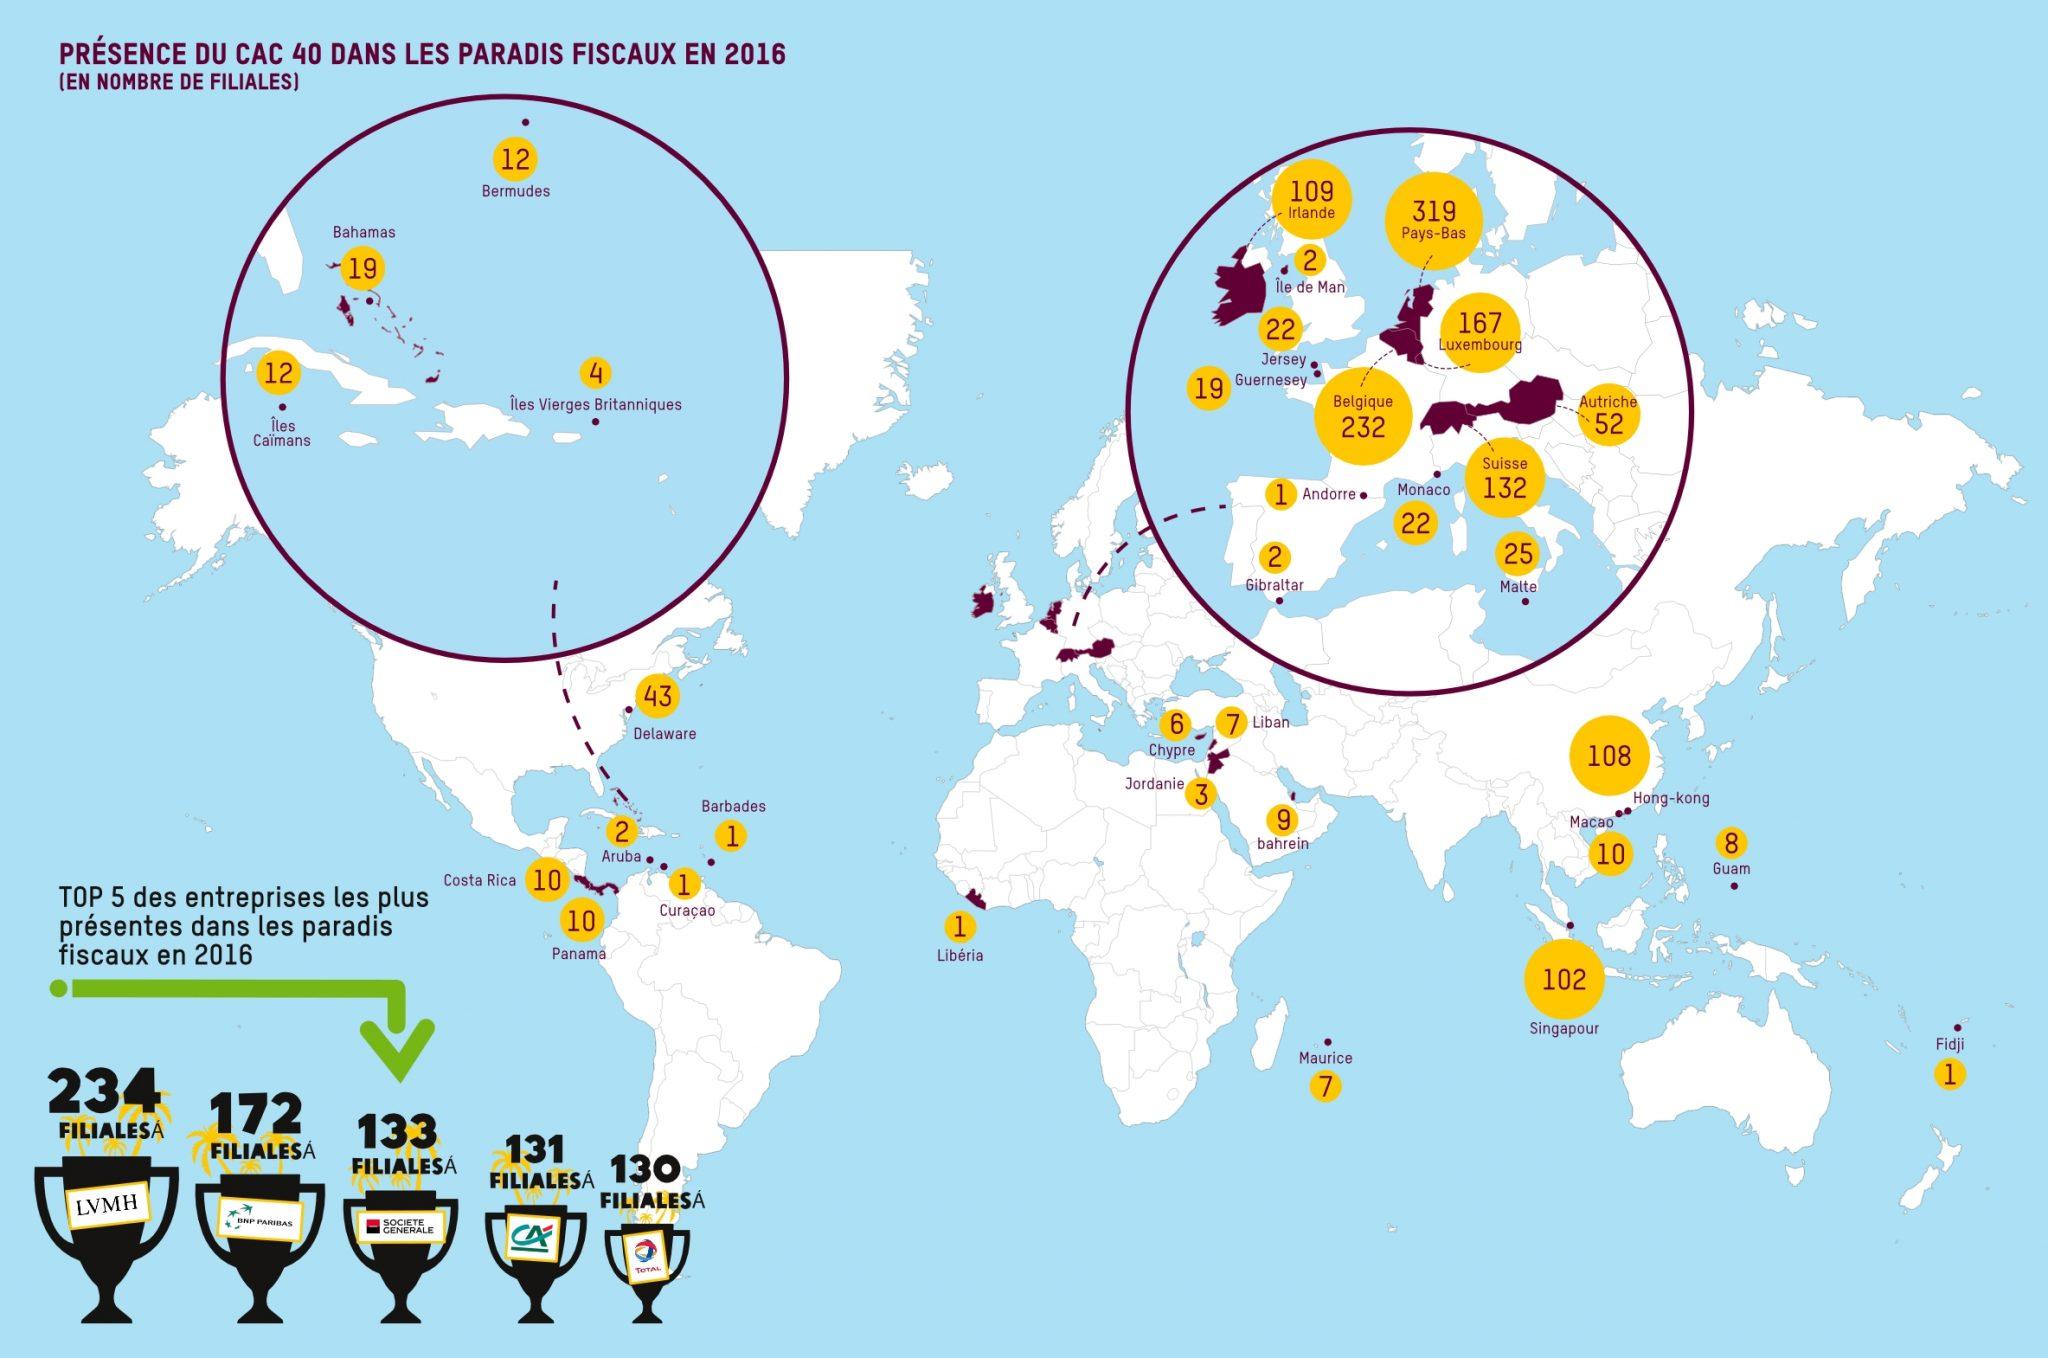 Cac 40 La Grande Evasion Fiscale Oxfam France